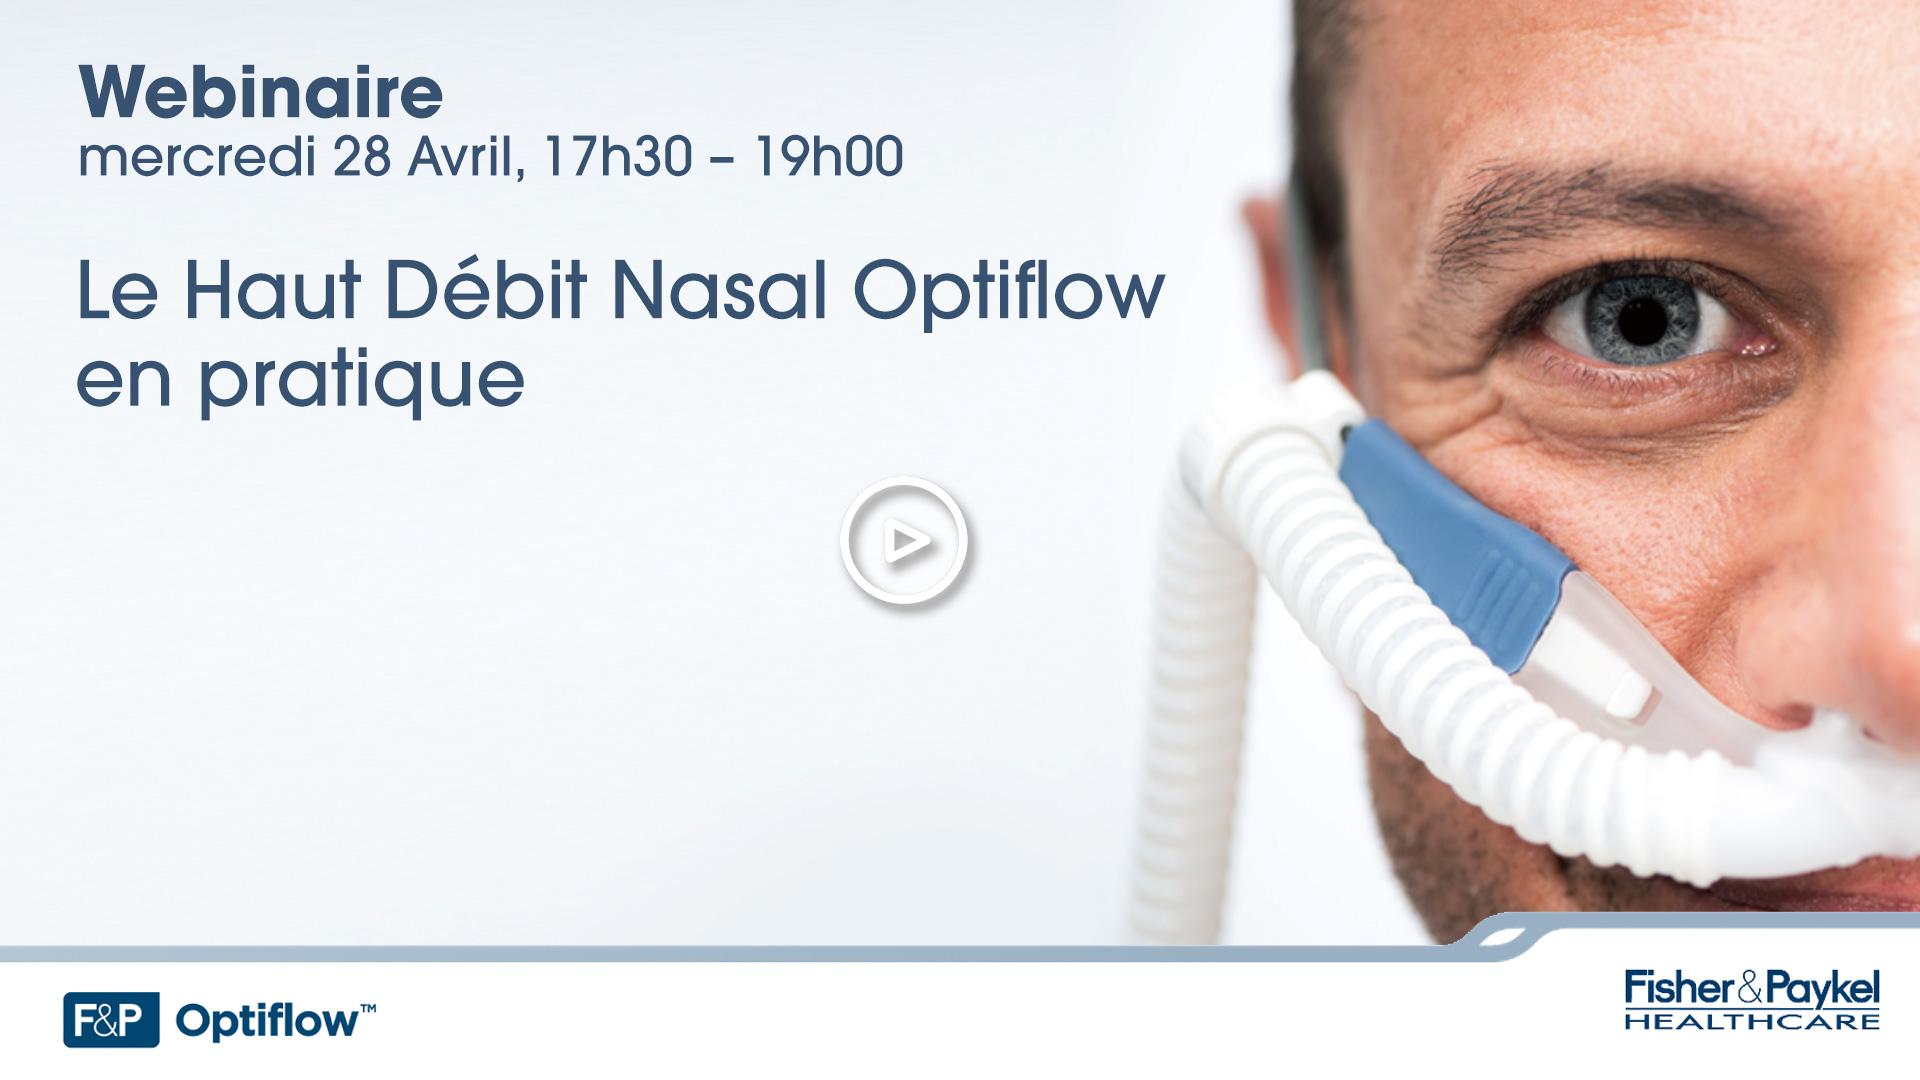 Le Haut Débit Nasal Optiflow en pratique